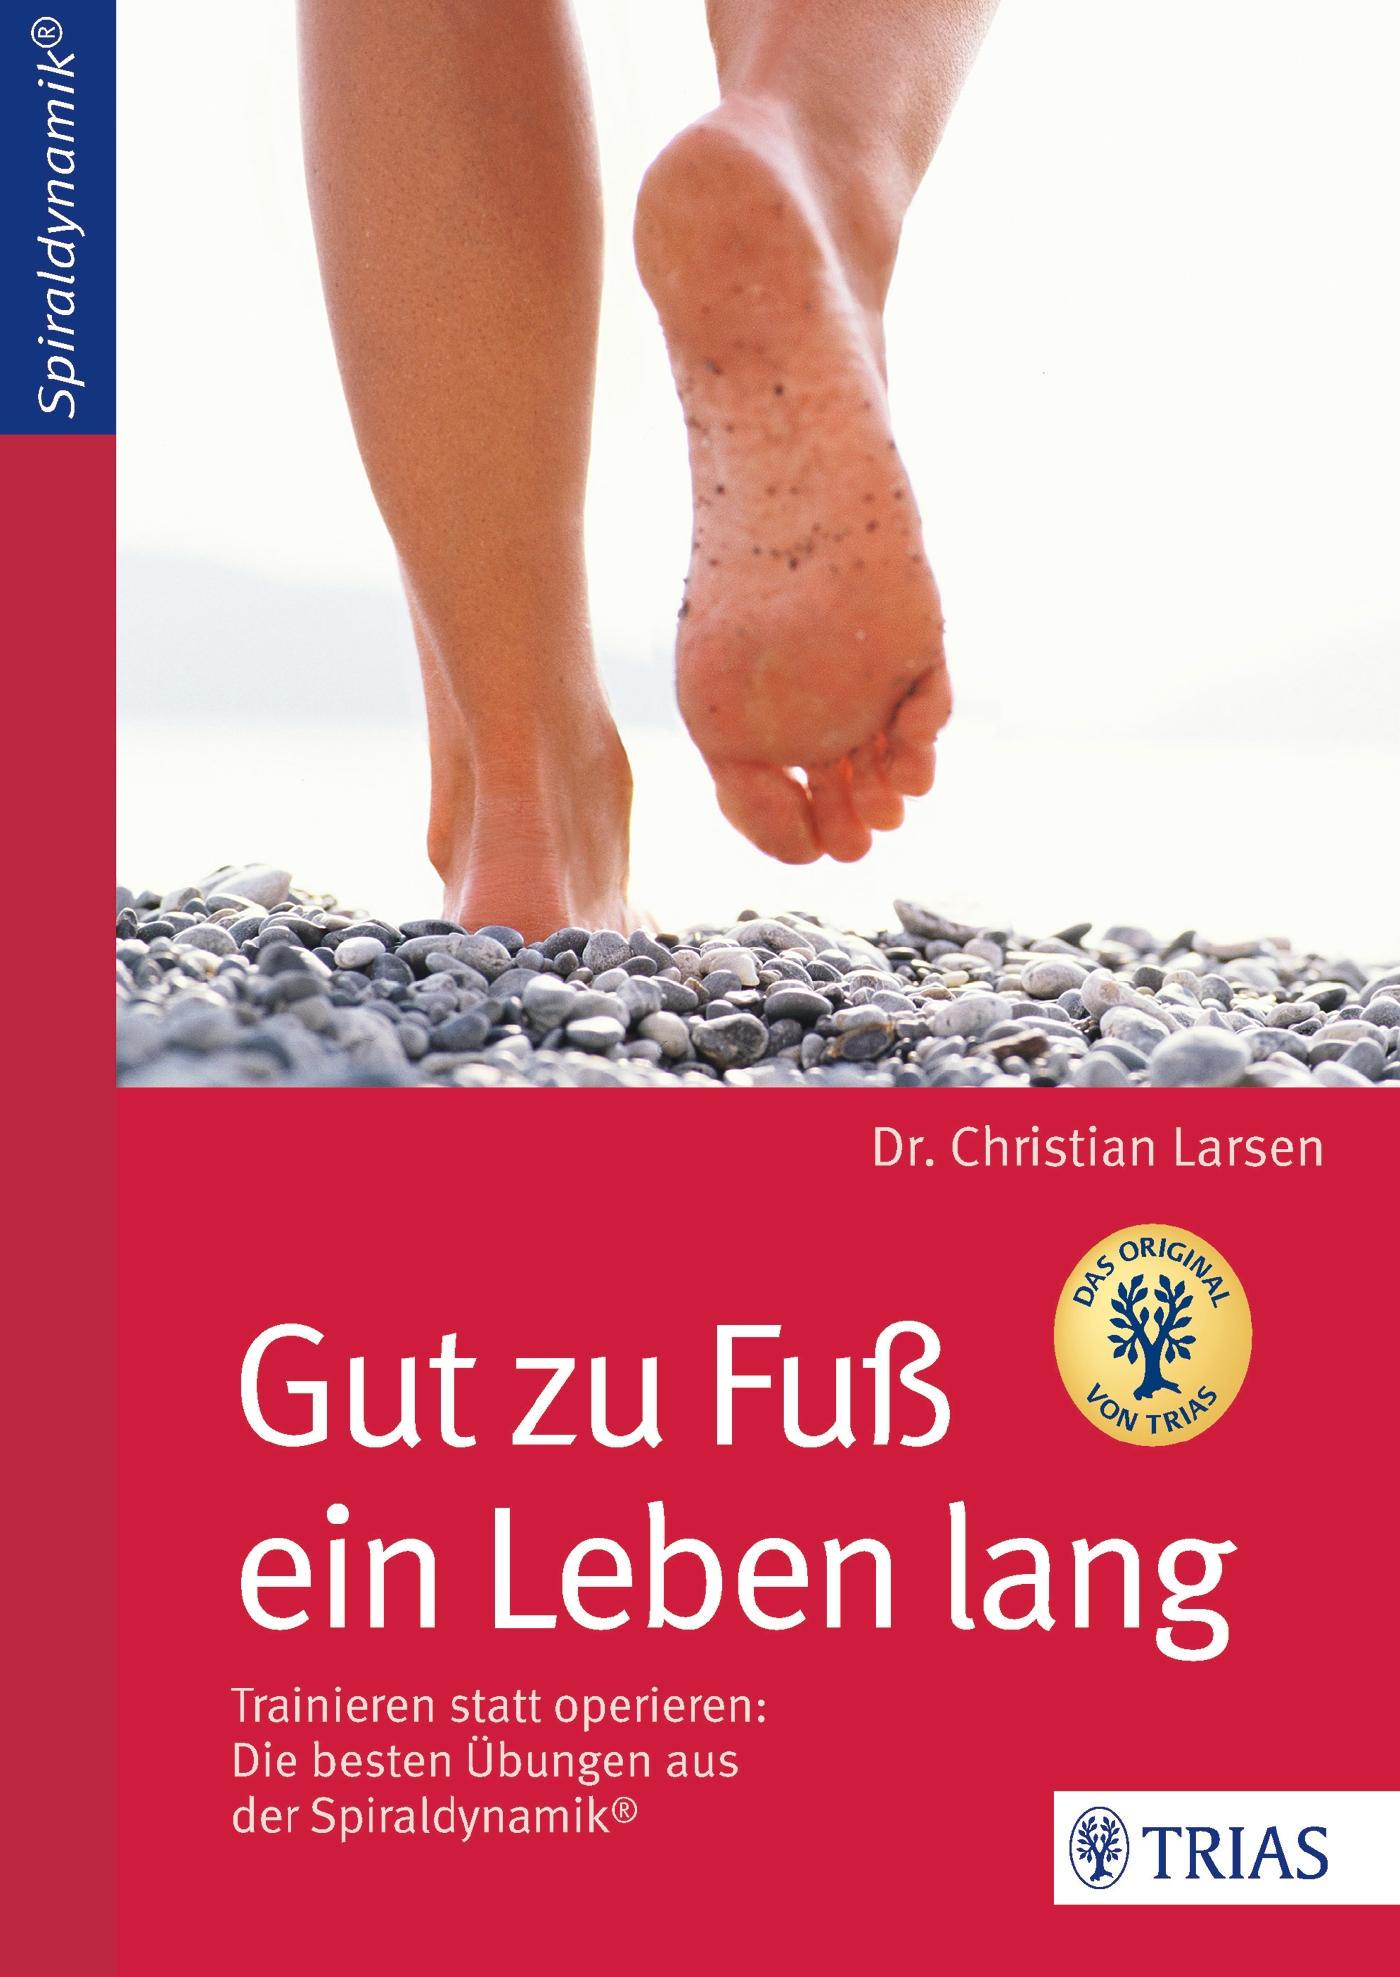 Gut zu Fuß ein Leben lang: Trainieren statt operieren - Die besten Übungen aus der Spiraldynamik® - Christian Larsen